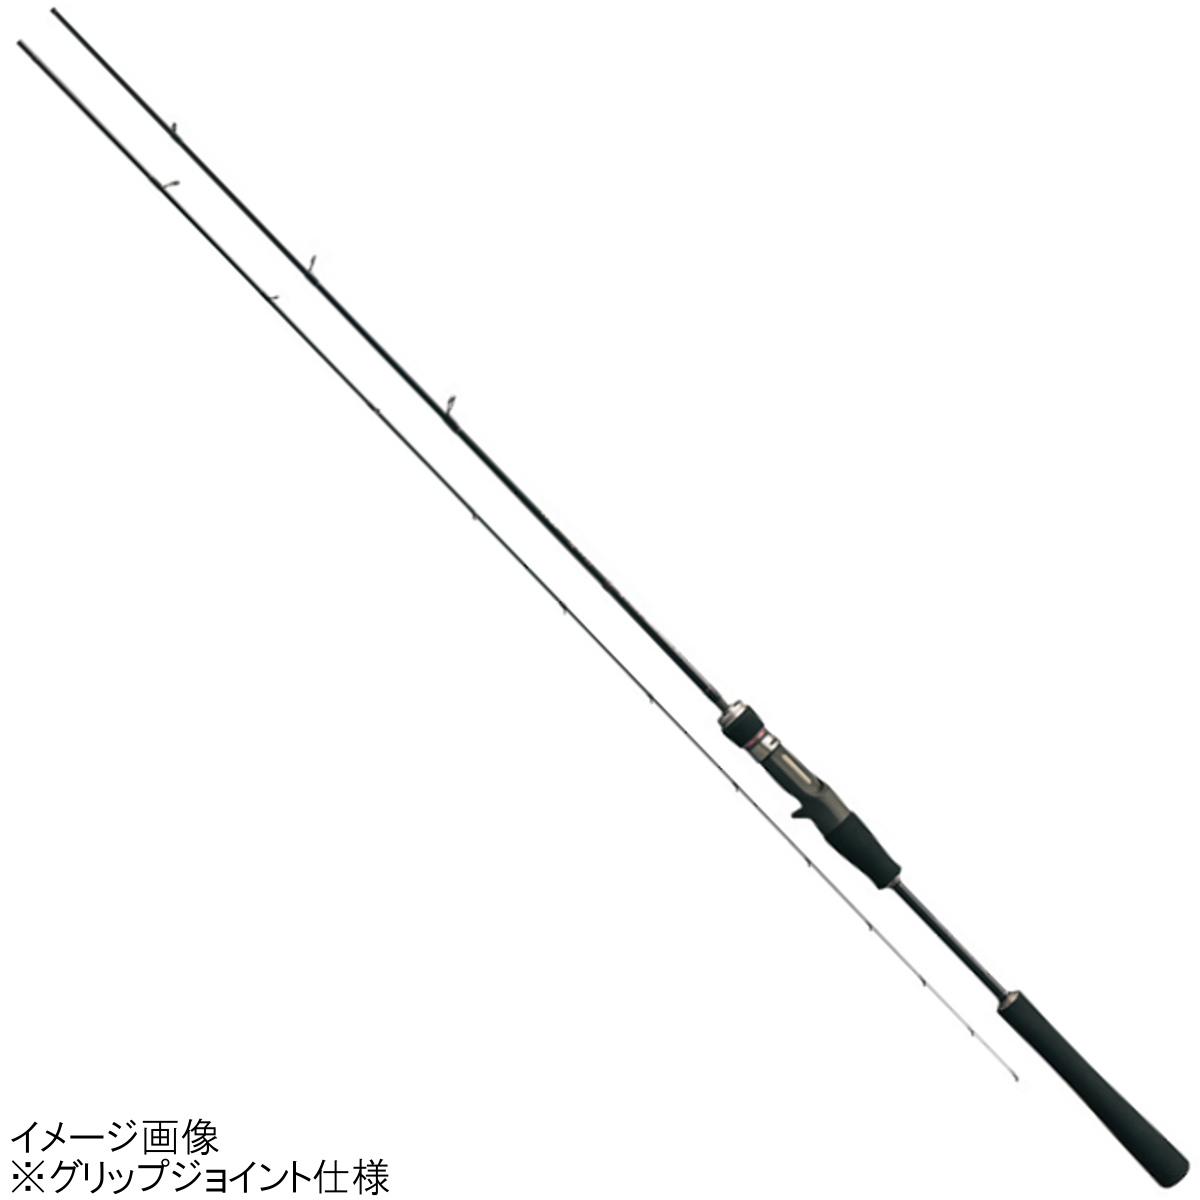 がまかつ LUXXE 桜幻 鯛ラバー B68L-solid.R【大型商品】